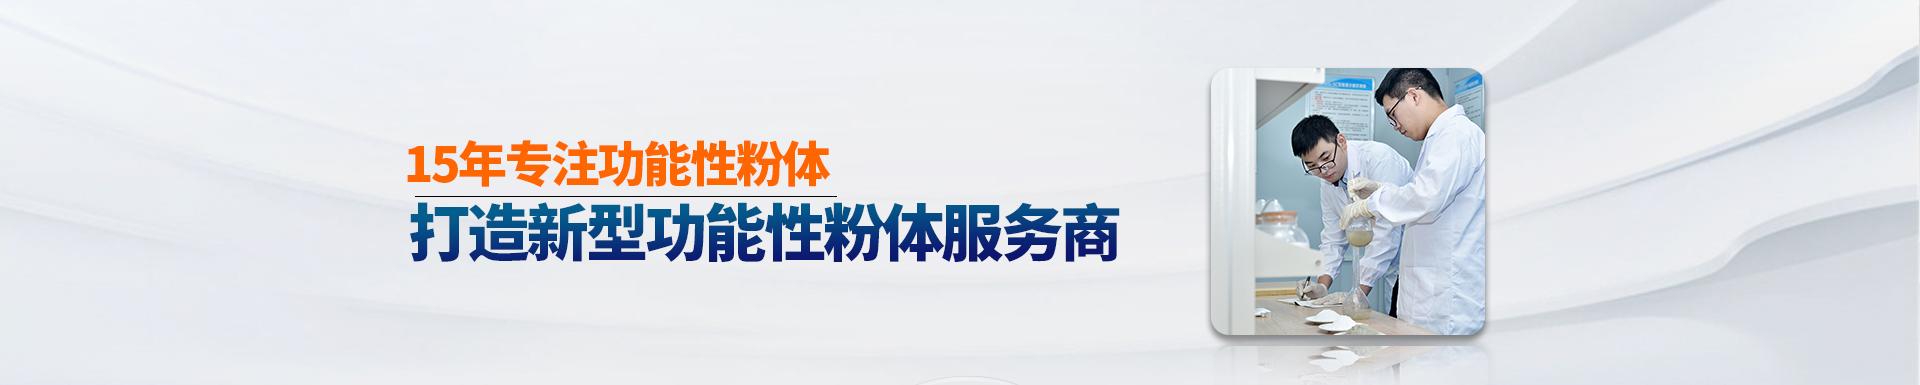 海扬粉体 深圳市海扬粉体科技有限公司